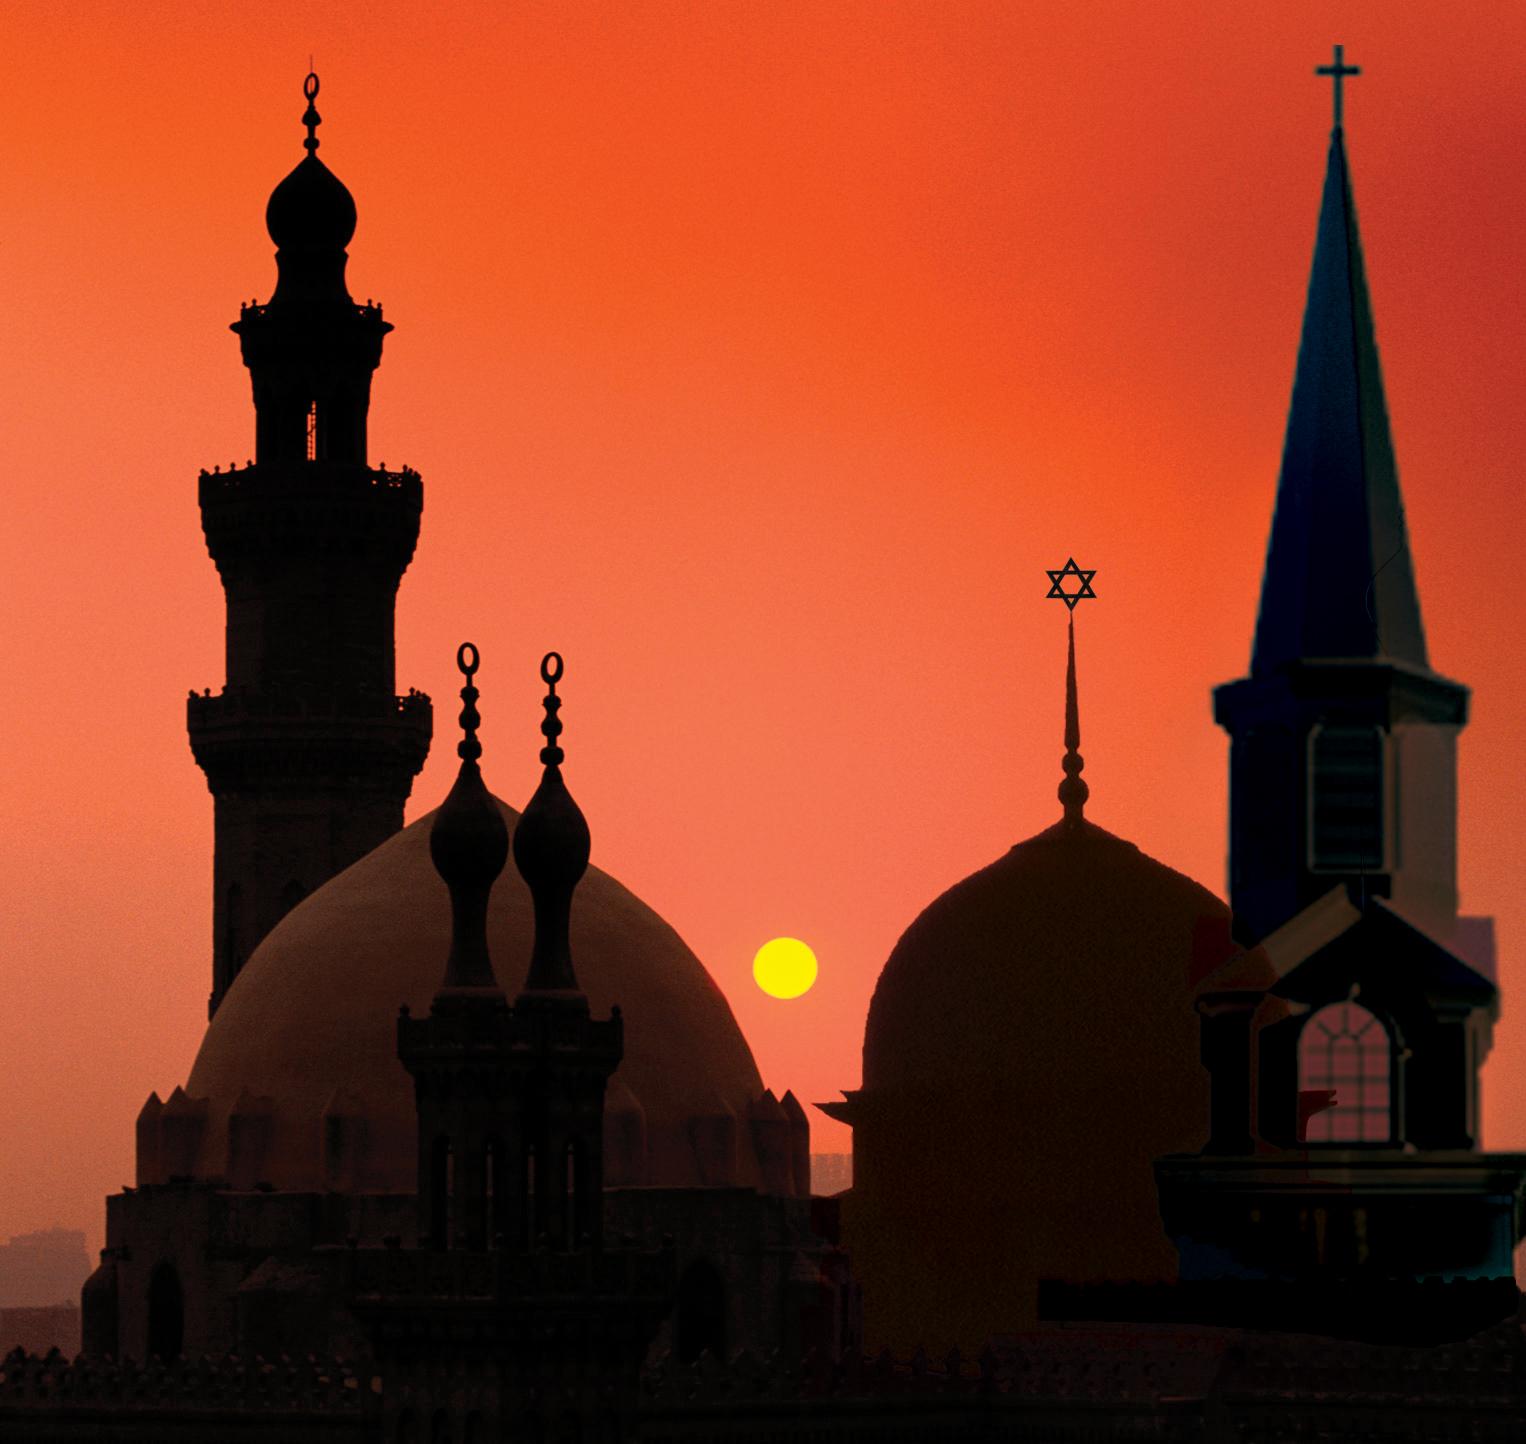 Bức tranh toàn cảnh mâu thuẫn tôn giáo từ Trung Đông, Mùa xuân Ả Rập hay Syria và IS...